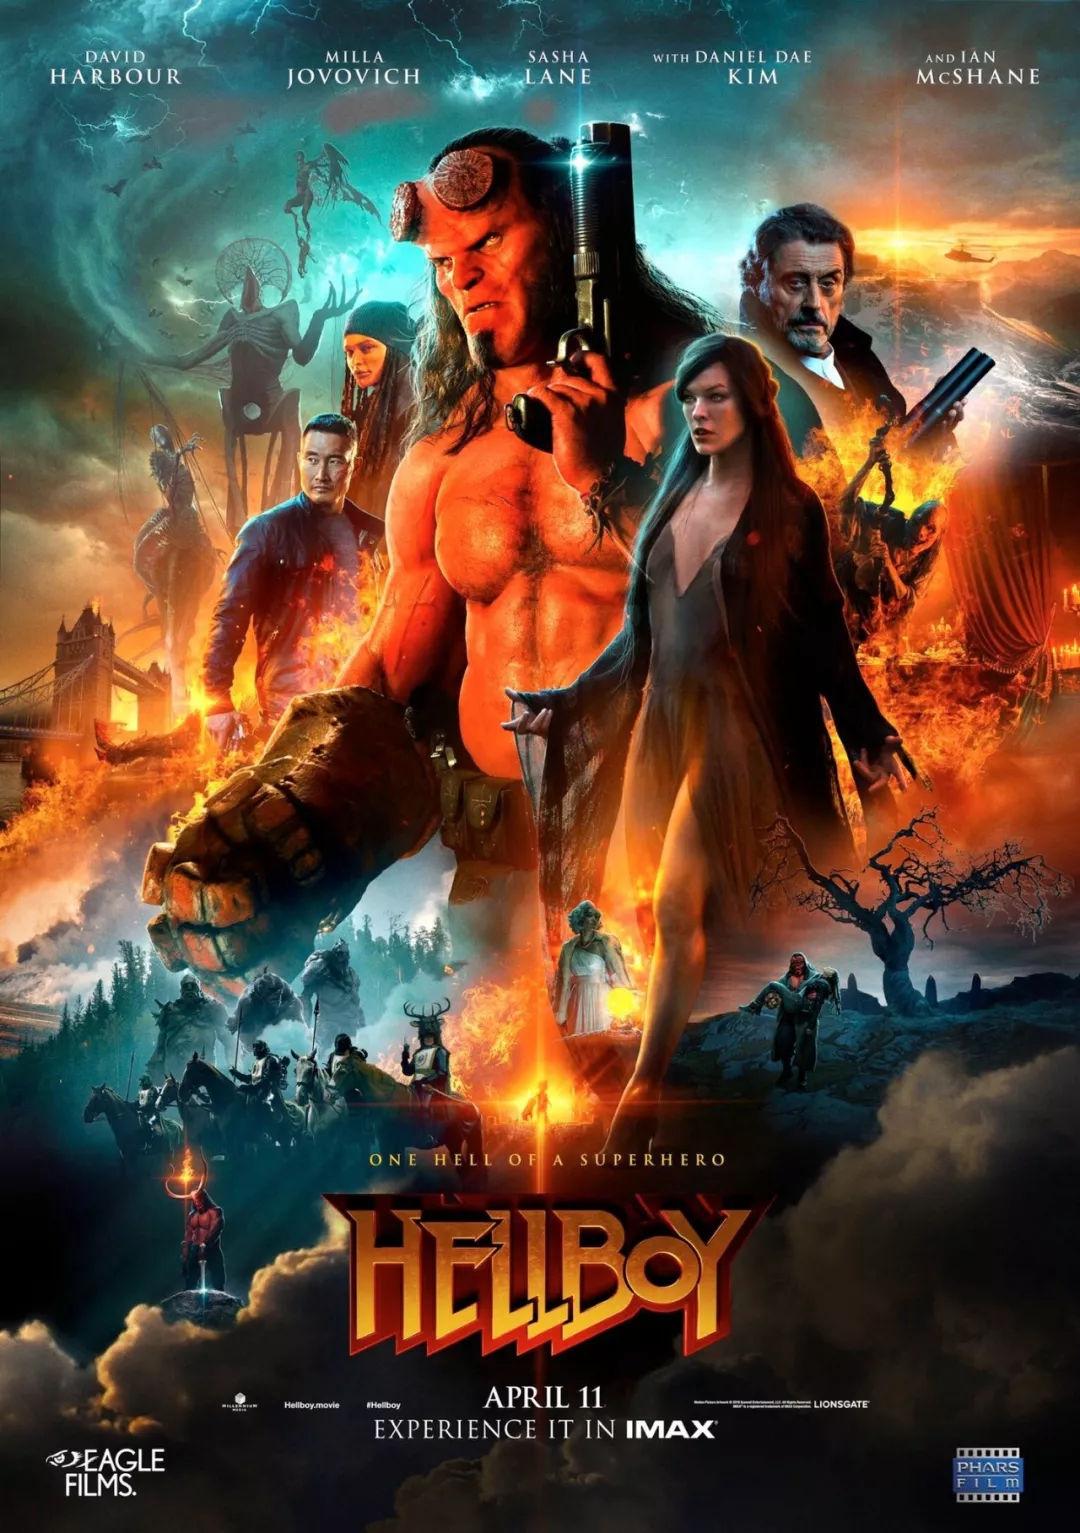 【地狱男爵:血皇后崛起】从地下爬出的巨型怪兽们残忍虐杀人类 有人来拯救他们吗?